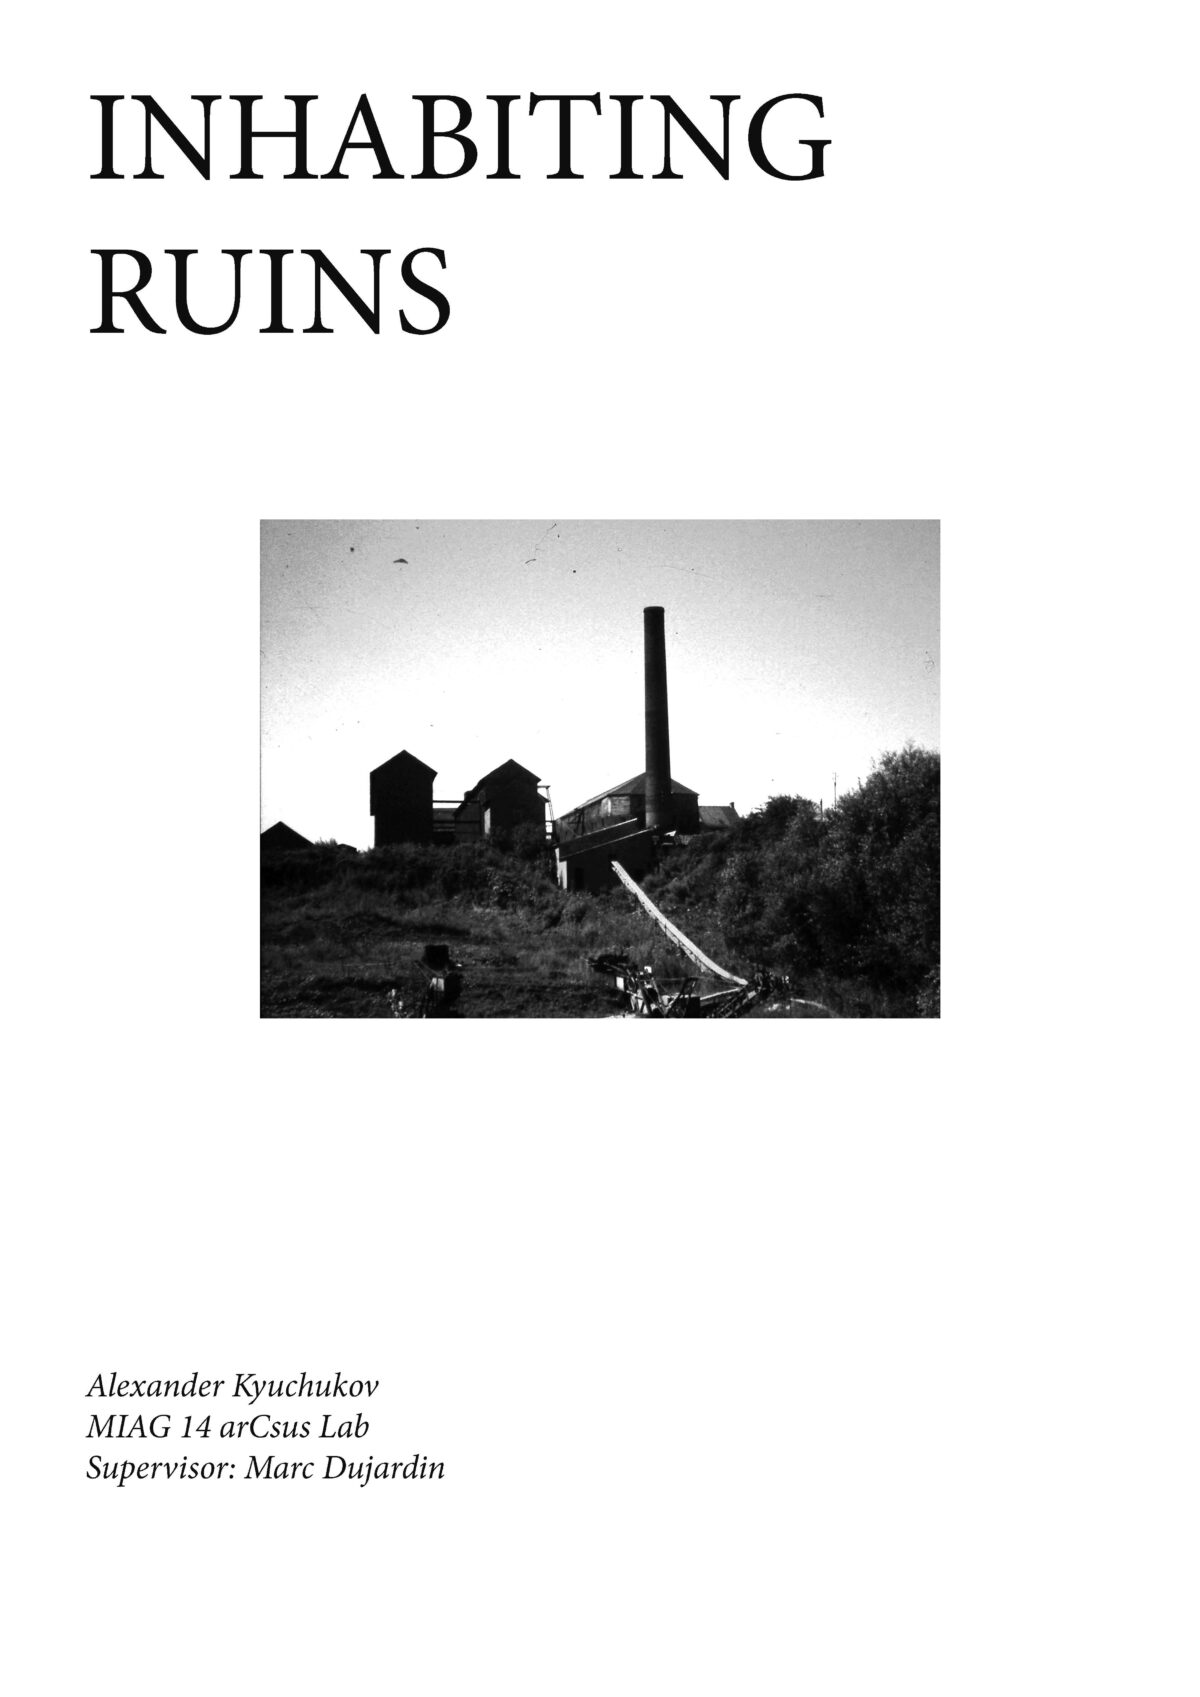 inhabiting-ruins-alexander-kyuv-leporello-maig14-2019-2020-1